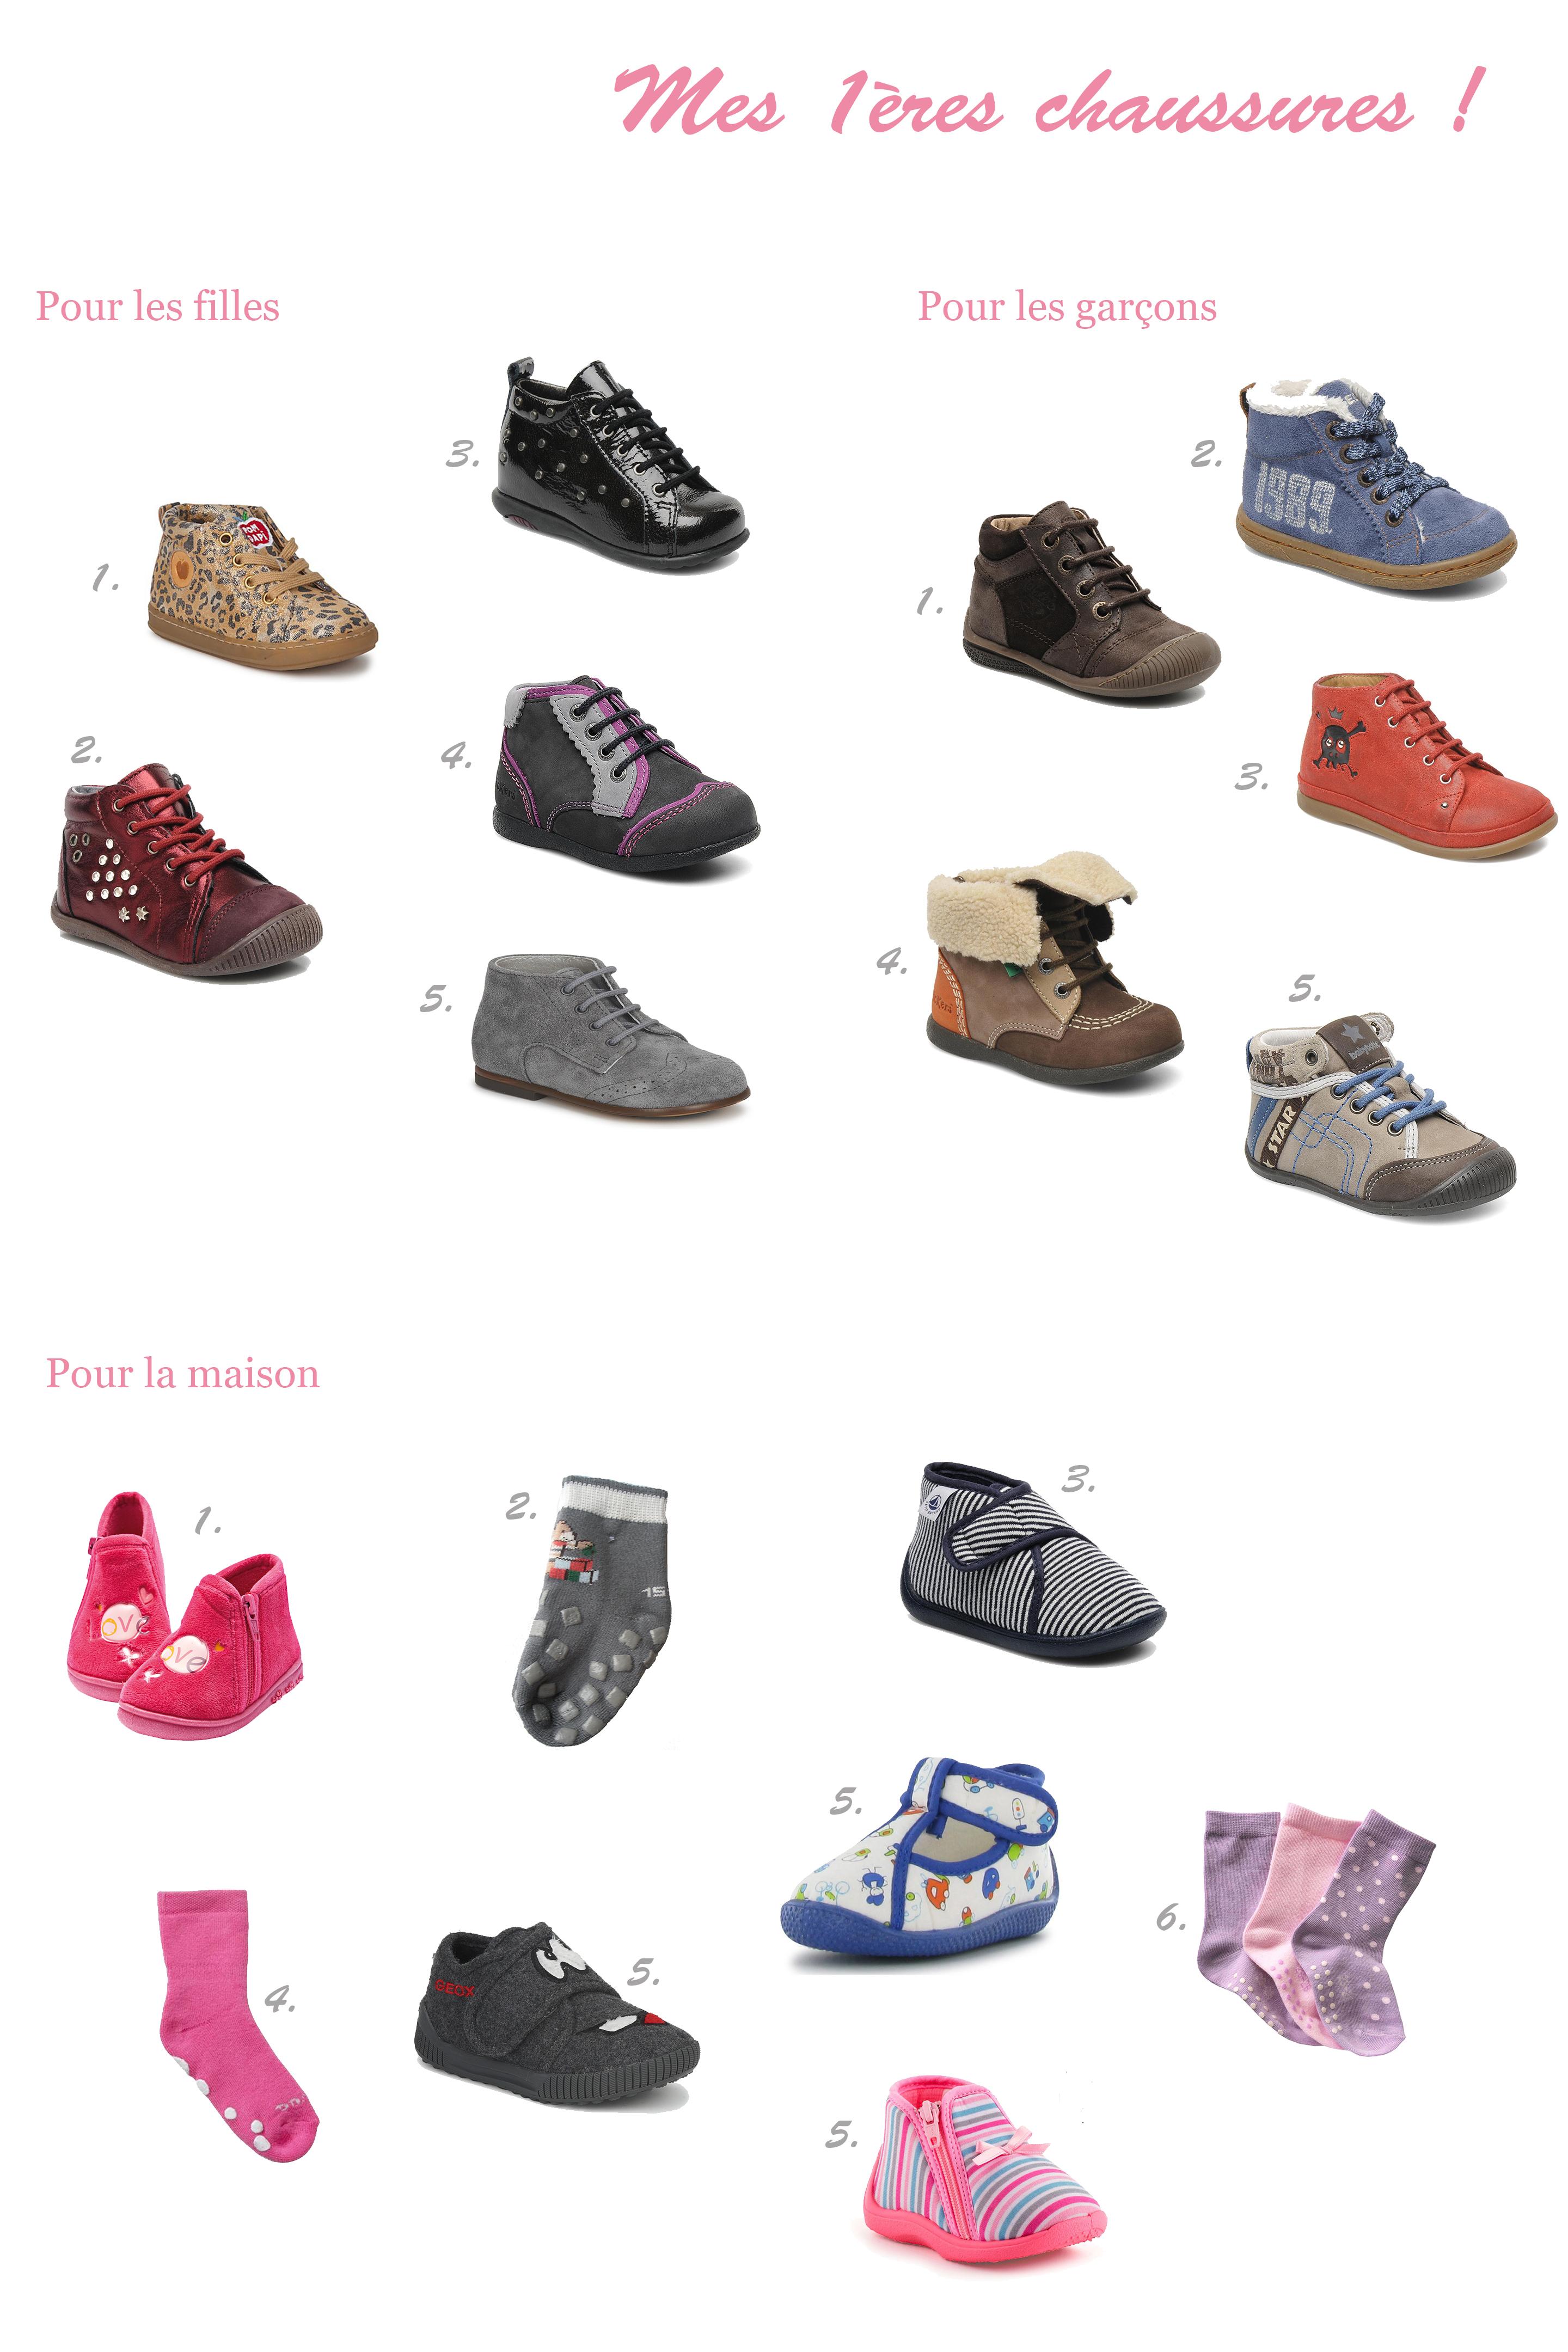 683631b3092ff Bébé marche : Comment bien choisir les chaussures pour ses 1ers pas ?